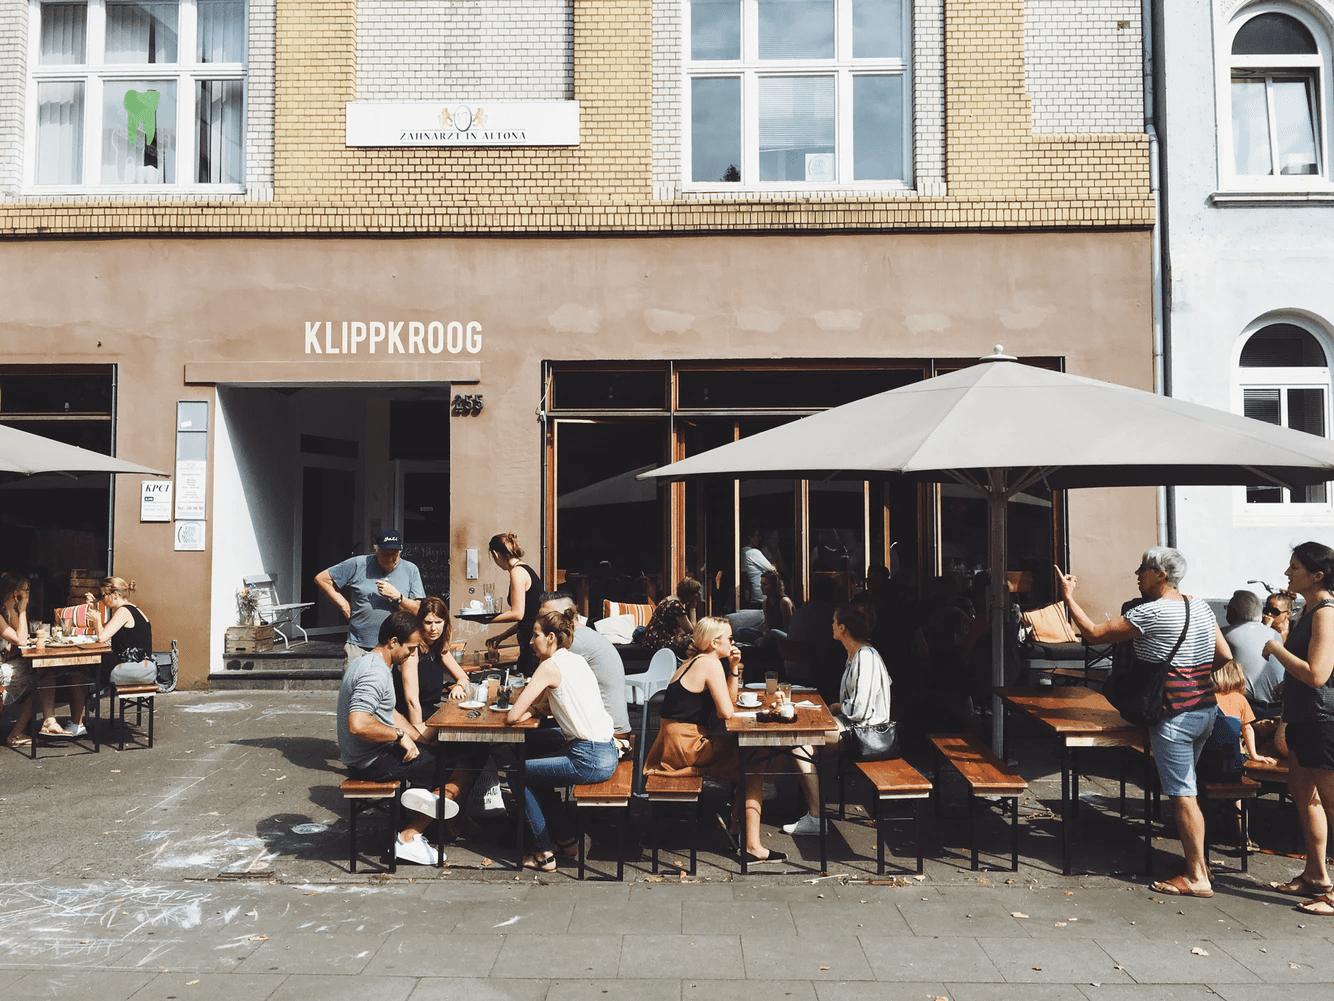 pessoas sentadas tomando café